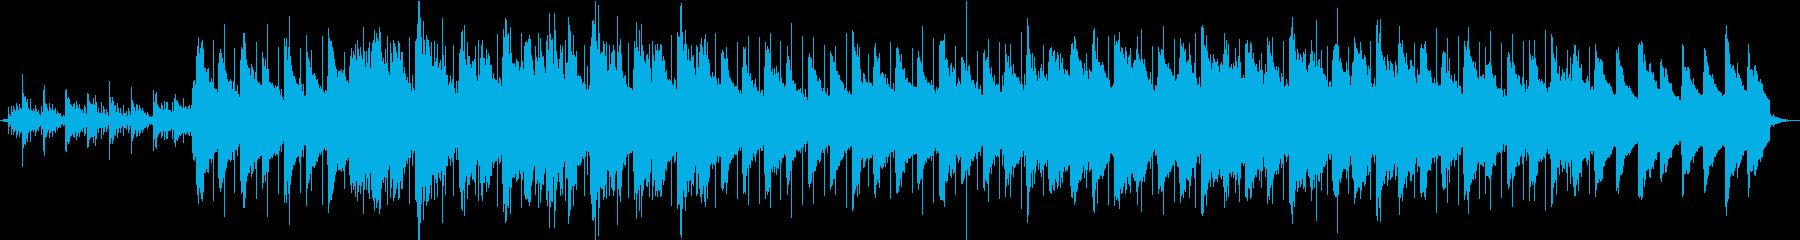 切なく、やさしいピアノのバラードの再生済みの波形